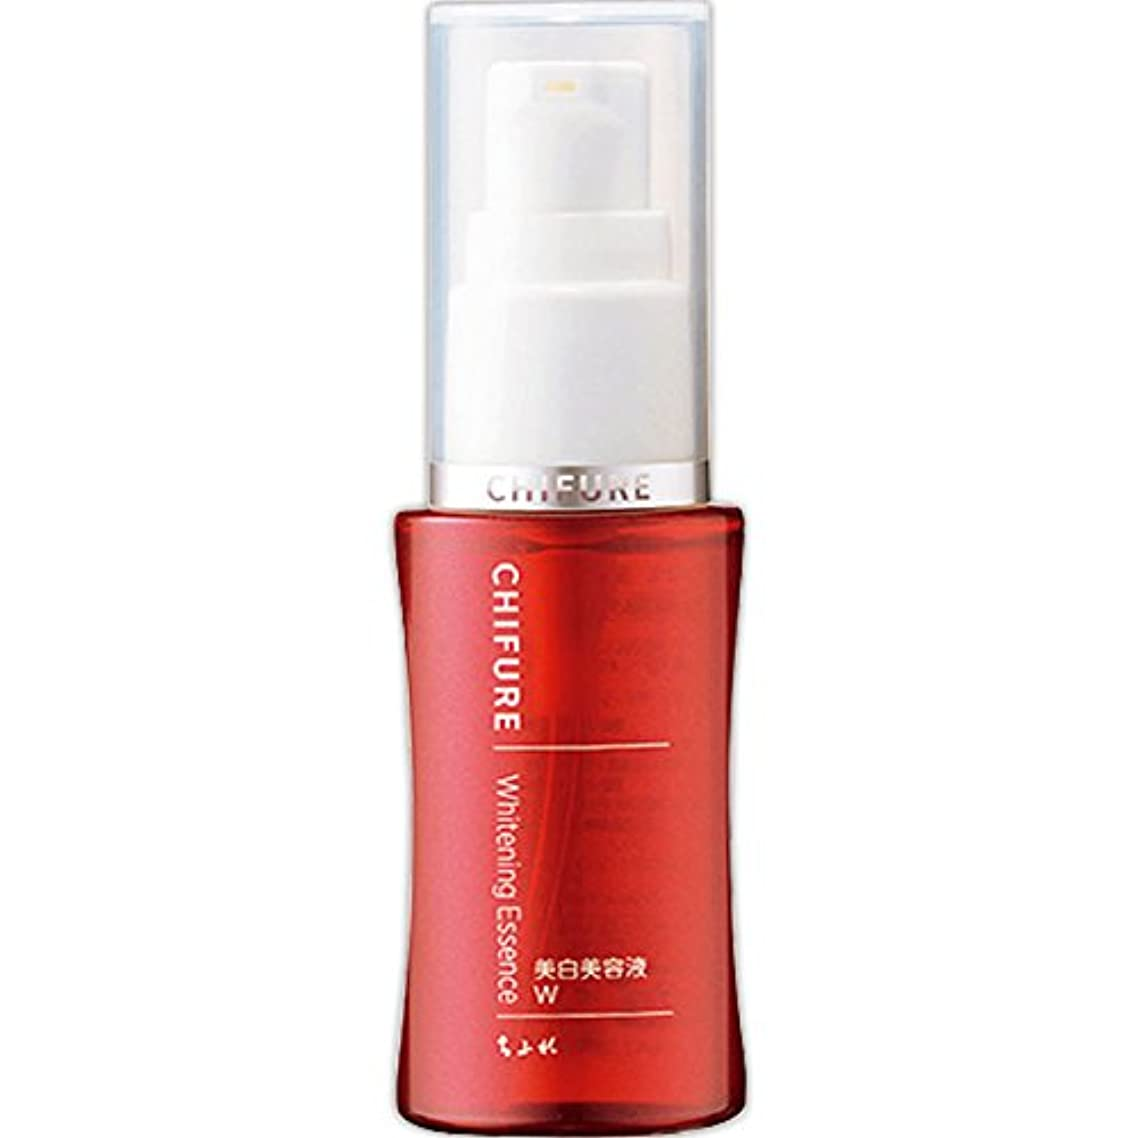 裁量できれば礼儀ちふれ化粧品 美白美容液 W 30ML (医薬部外品)